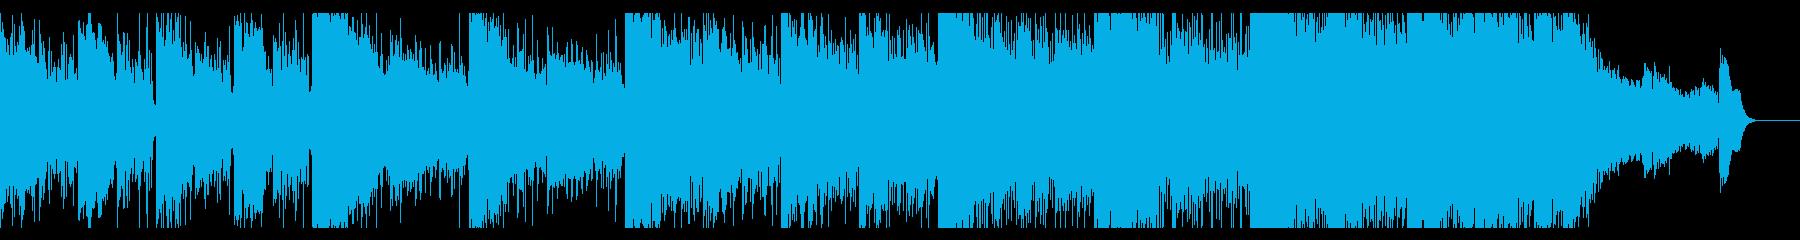 不可思議さが漂うエレクトロニカの再生済みの波形